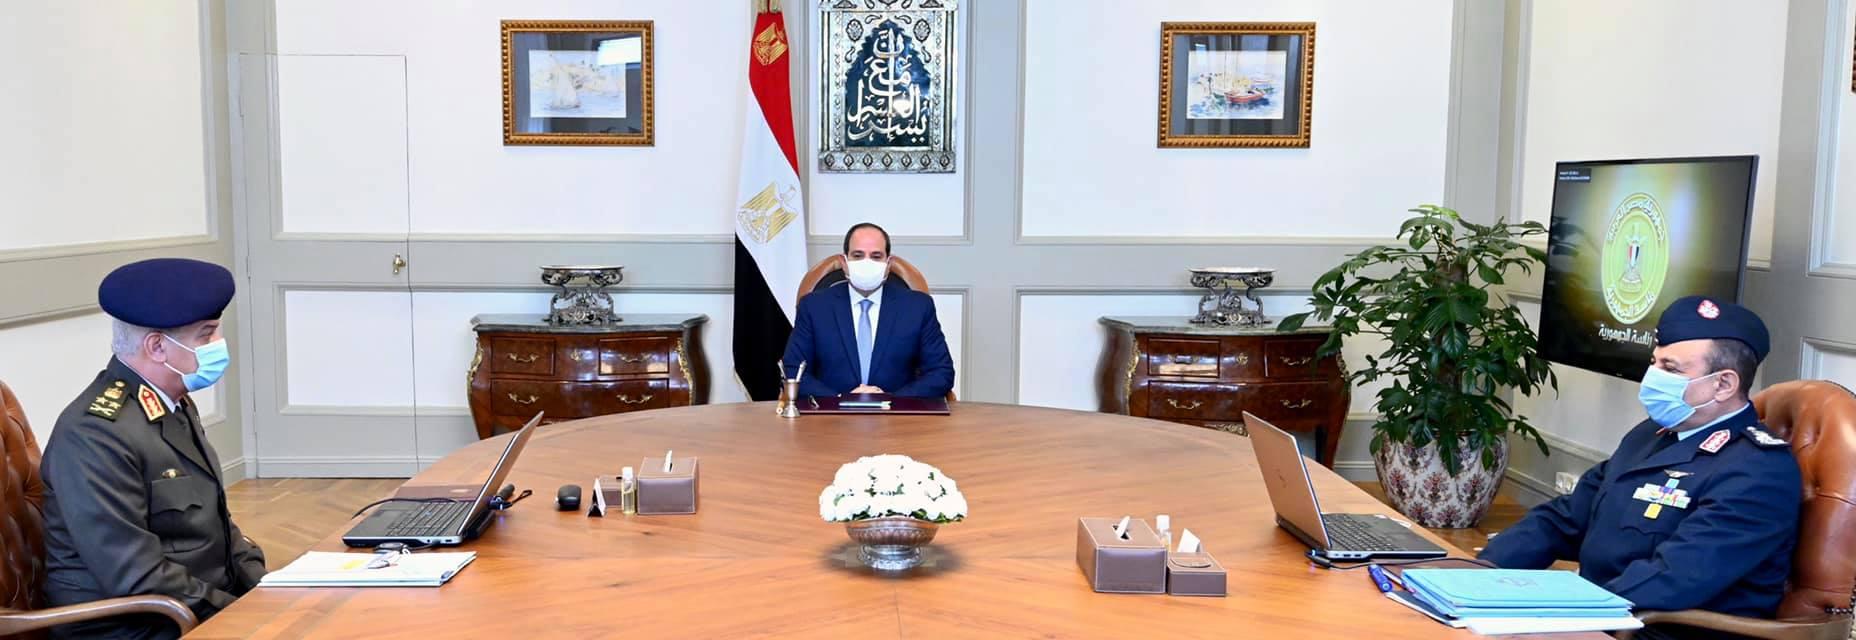 الرئيس السيسي يوجه بالحفاظ على أعلى درجات الجاهزية لحماية أمن مصر القومي